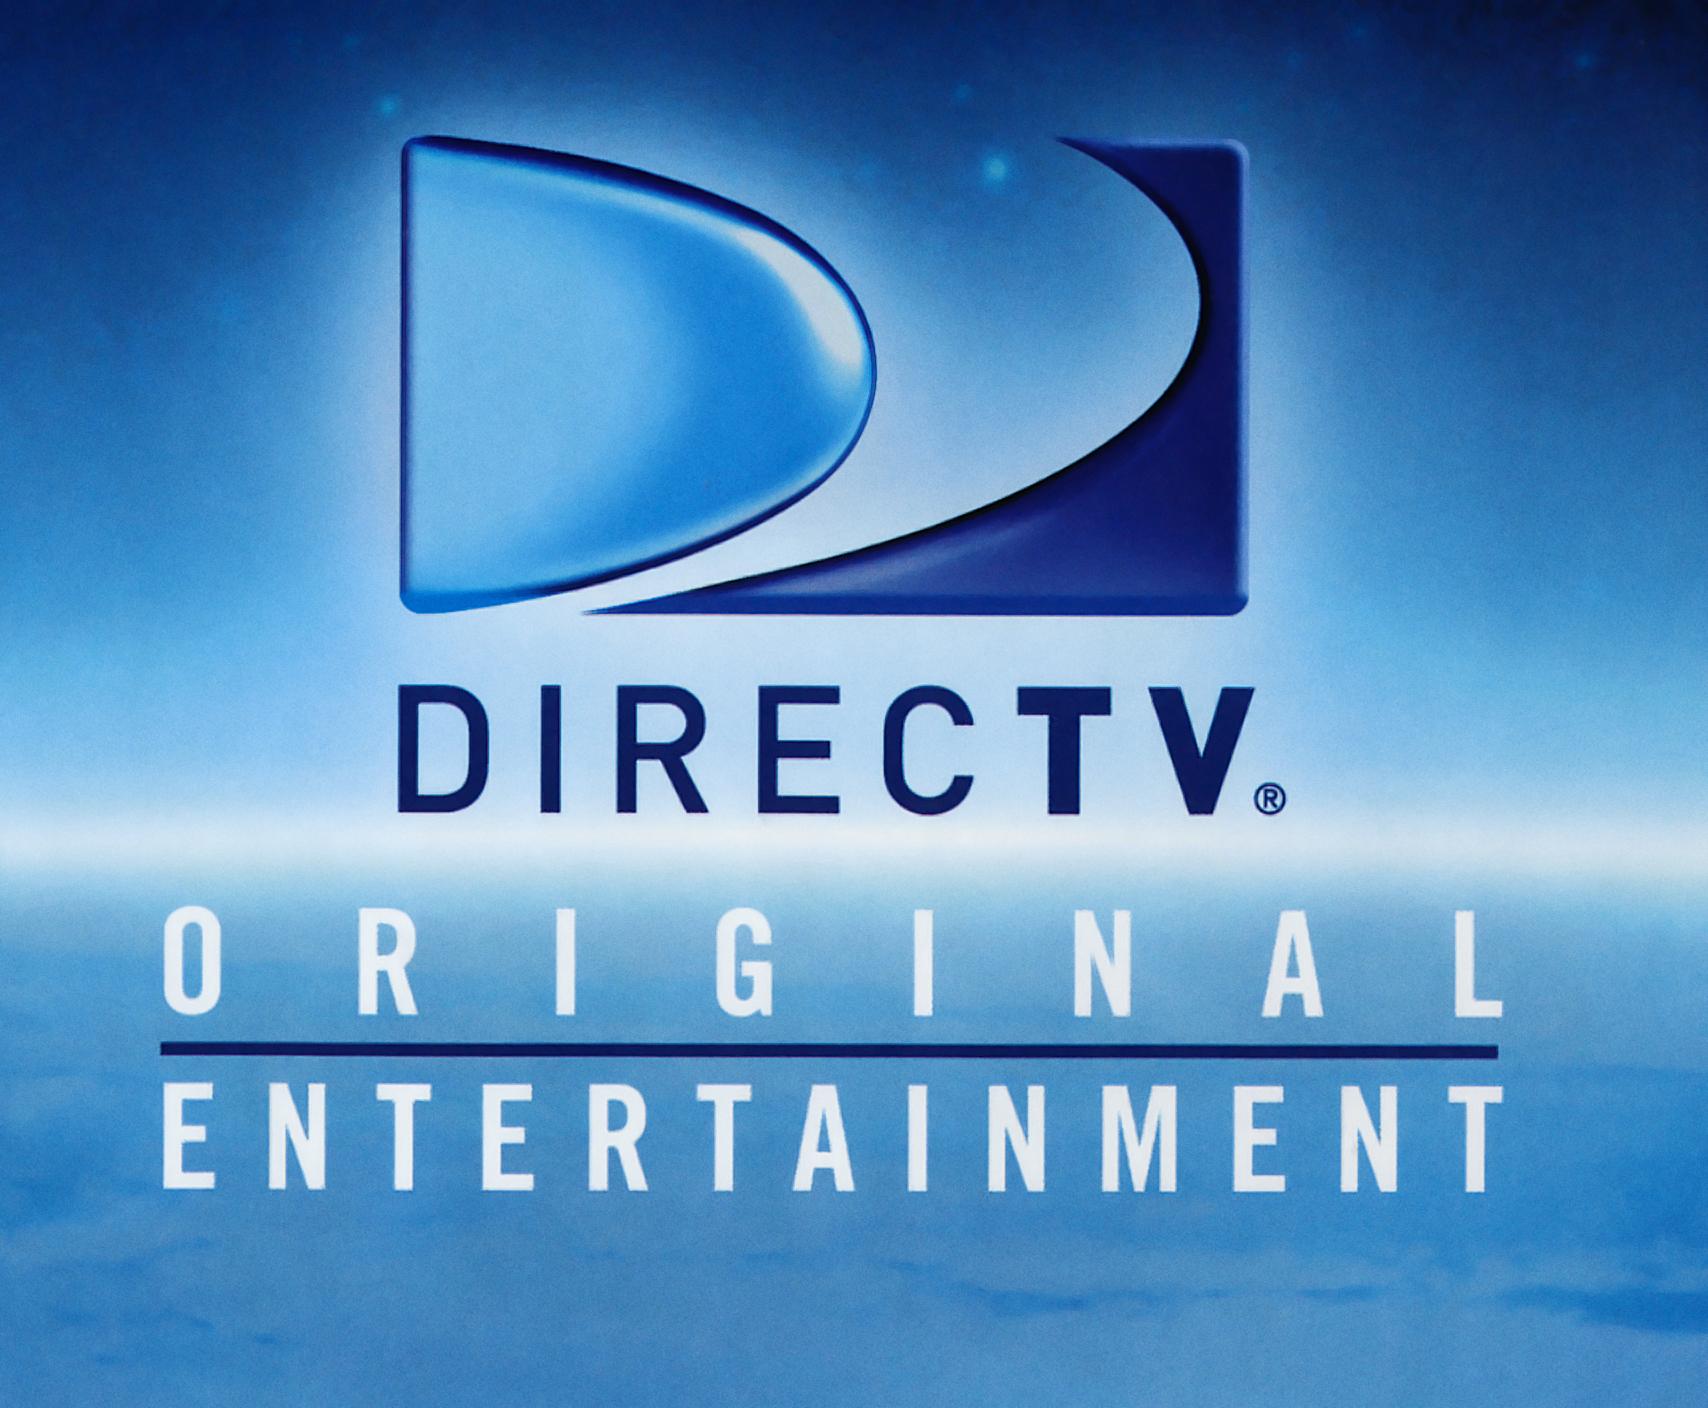 DirecTV Original Content